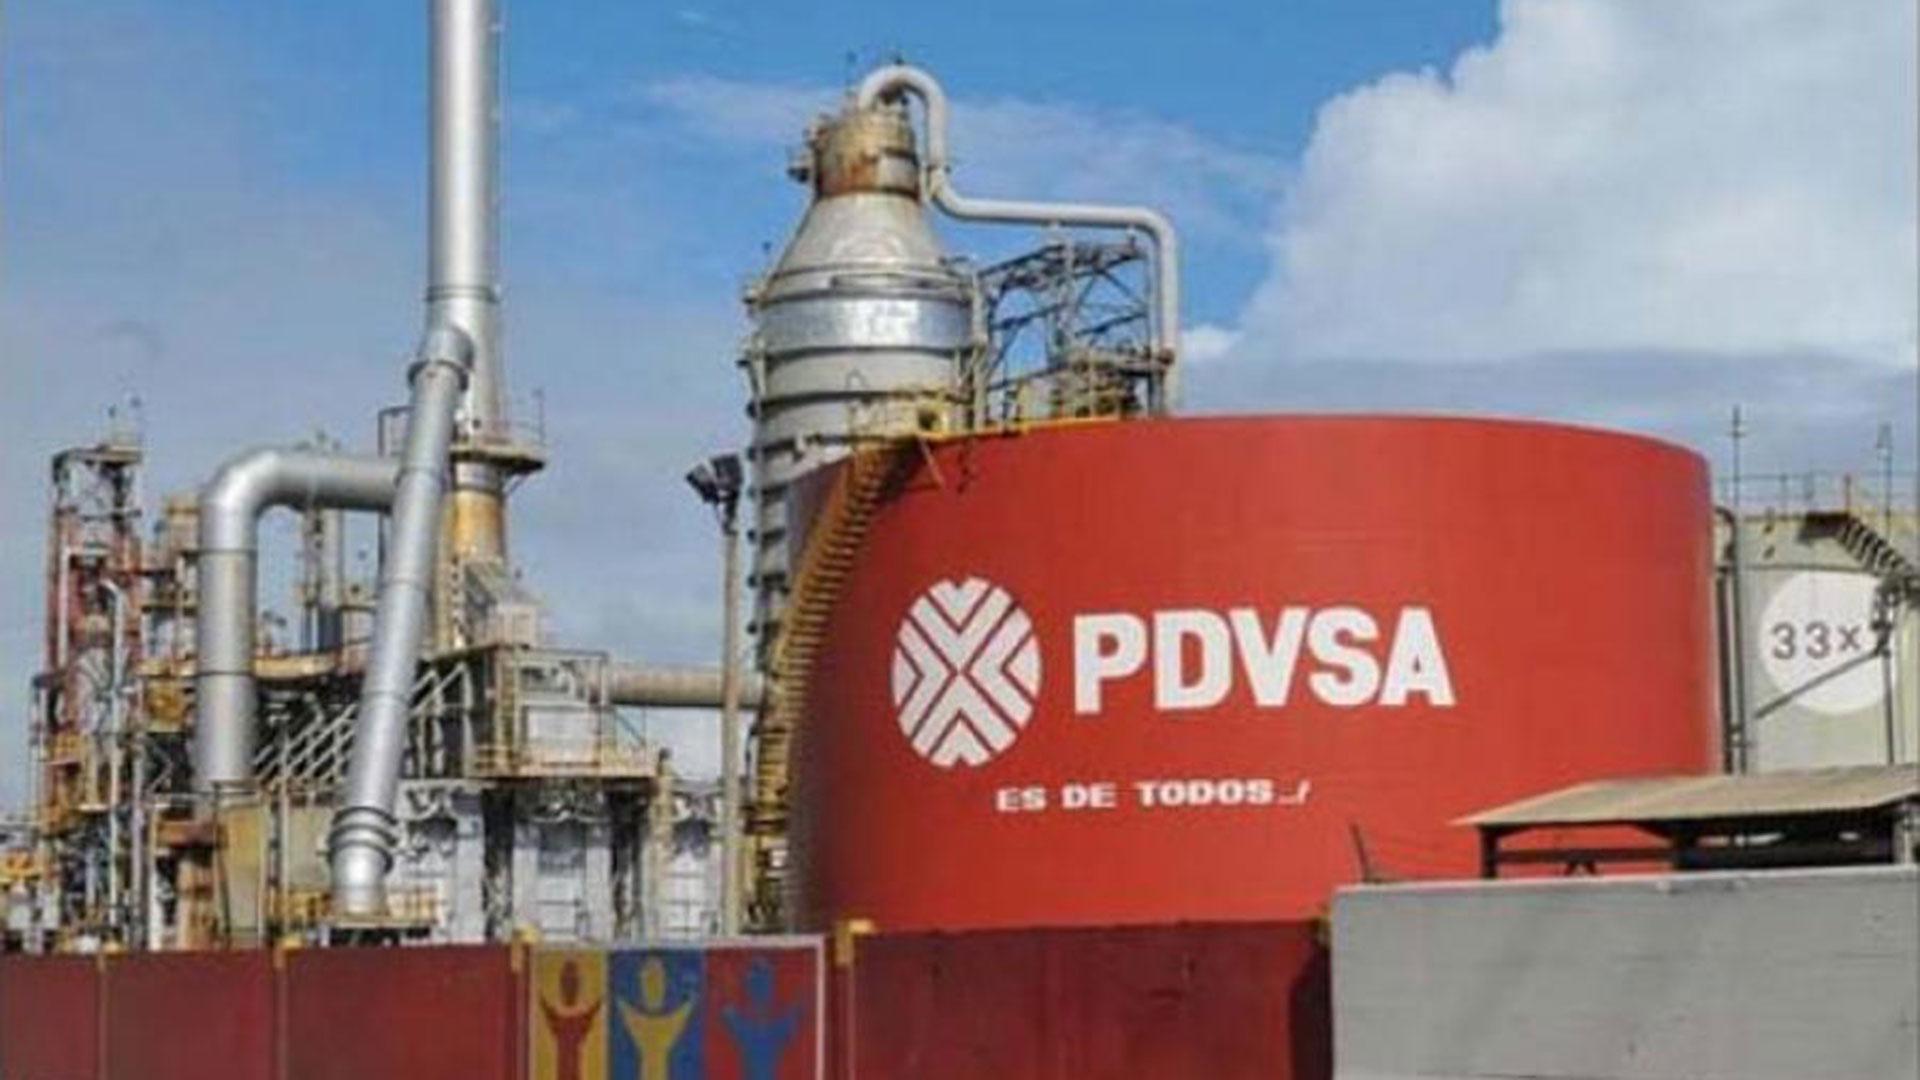 Sin los ingresos de PDVSA, el régimen quedaría sin ingresos ni divisas en cuestión de meses